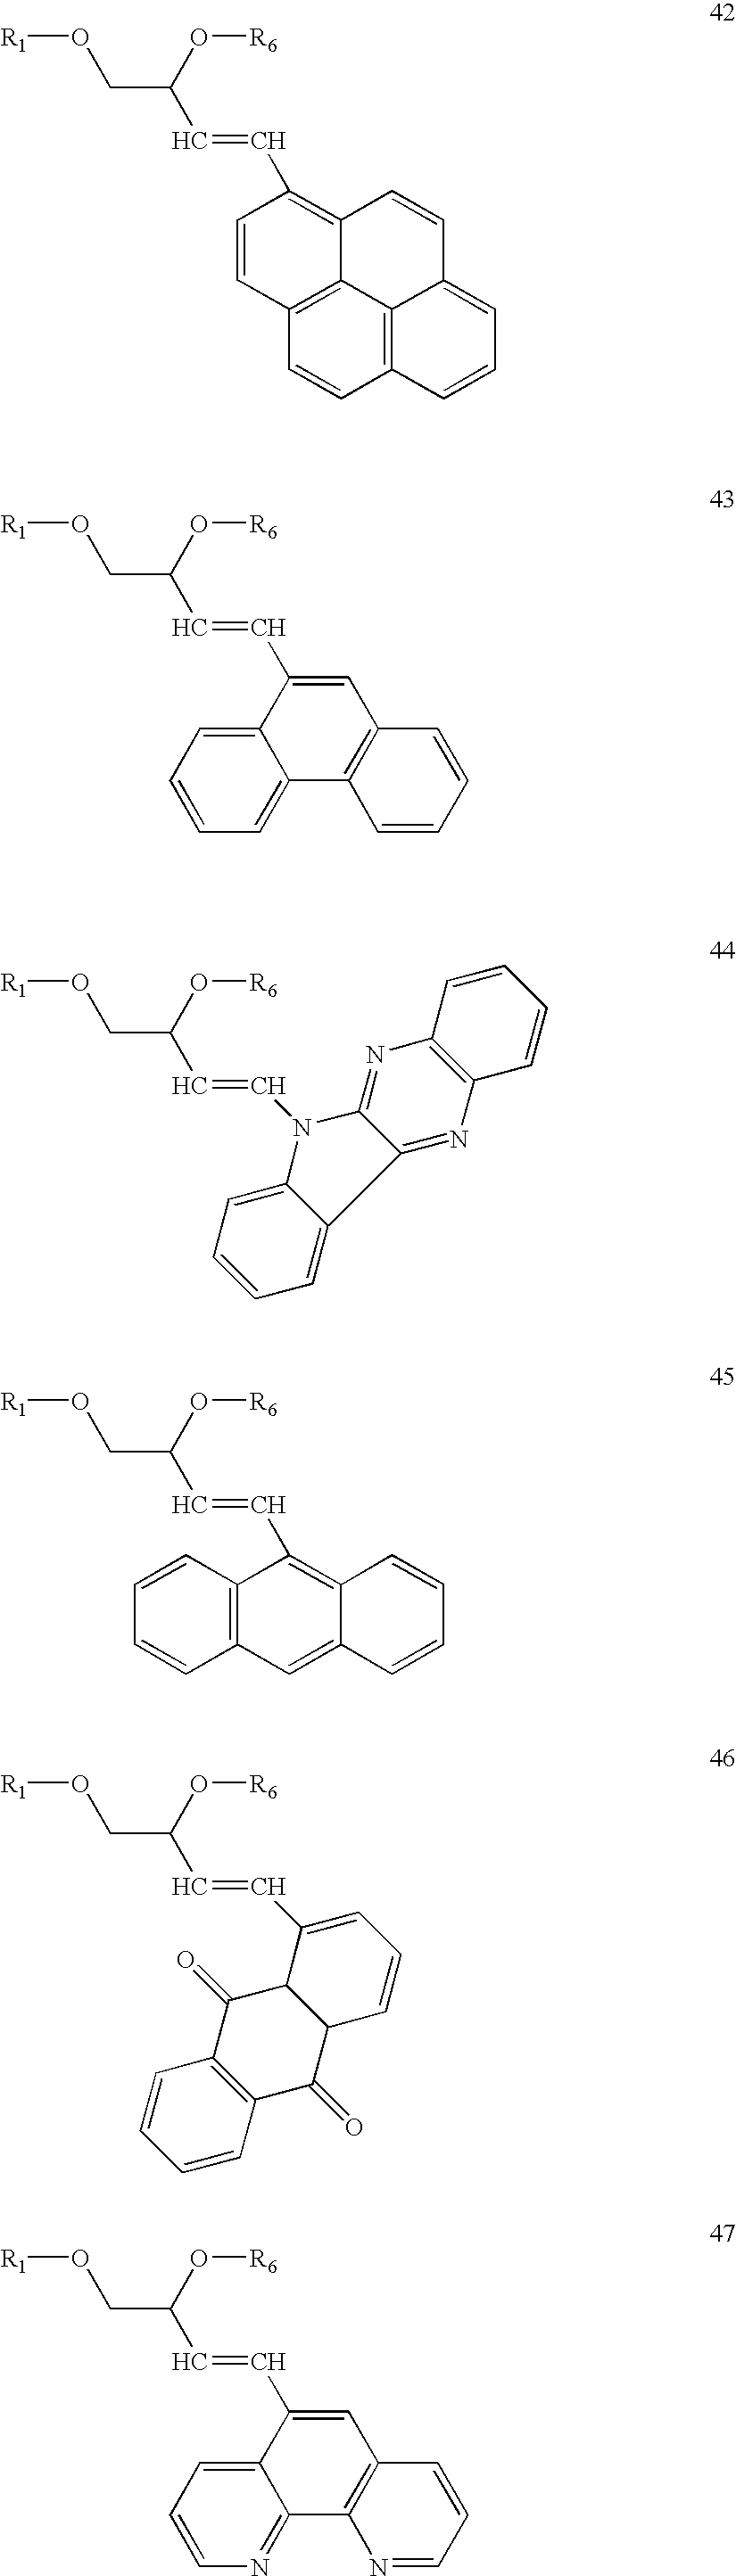 Figure US20060014144A1-20060119-C00096